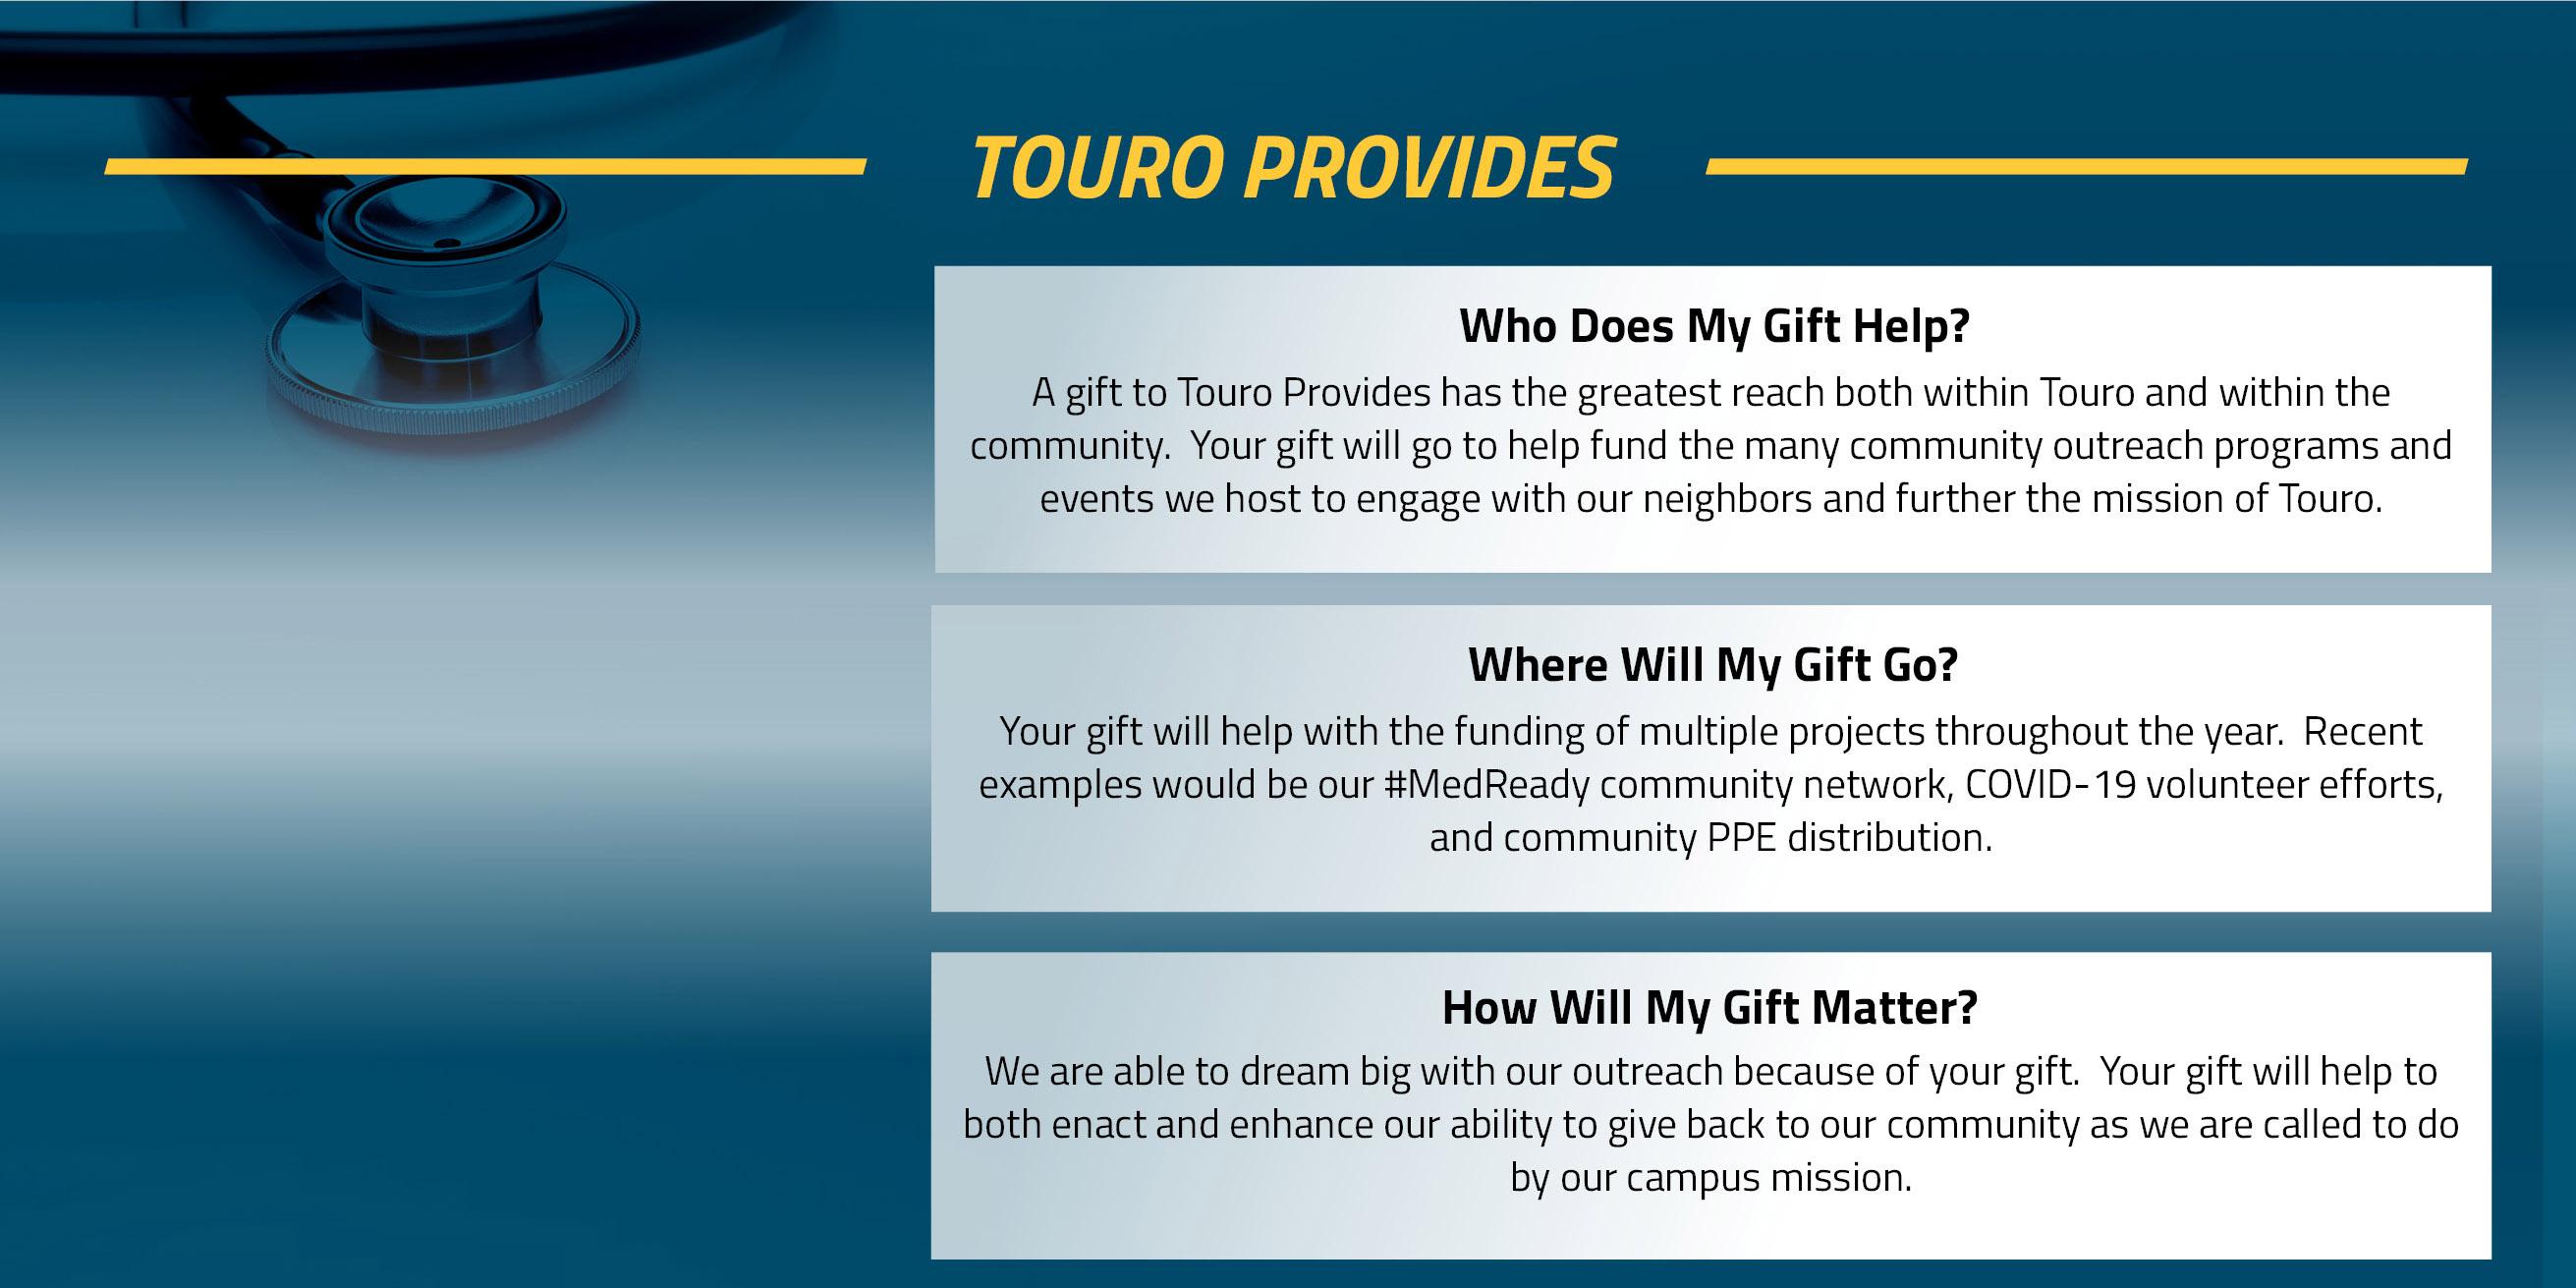 Touro Provides Fund